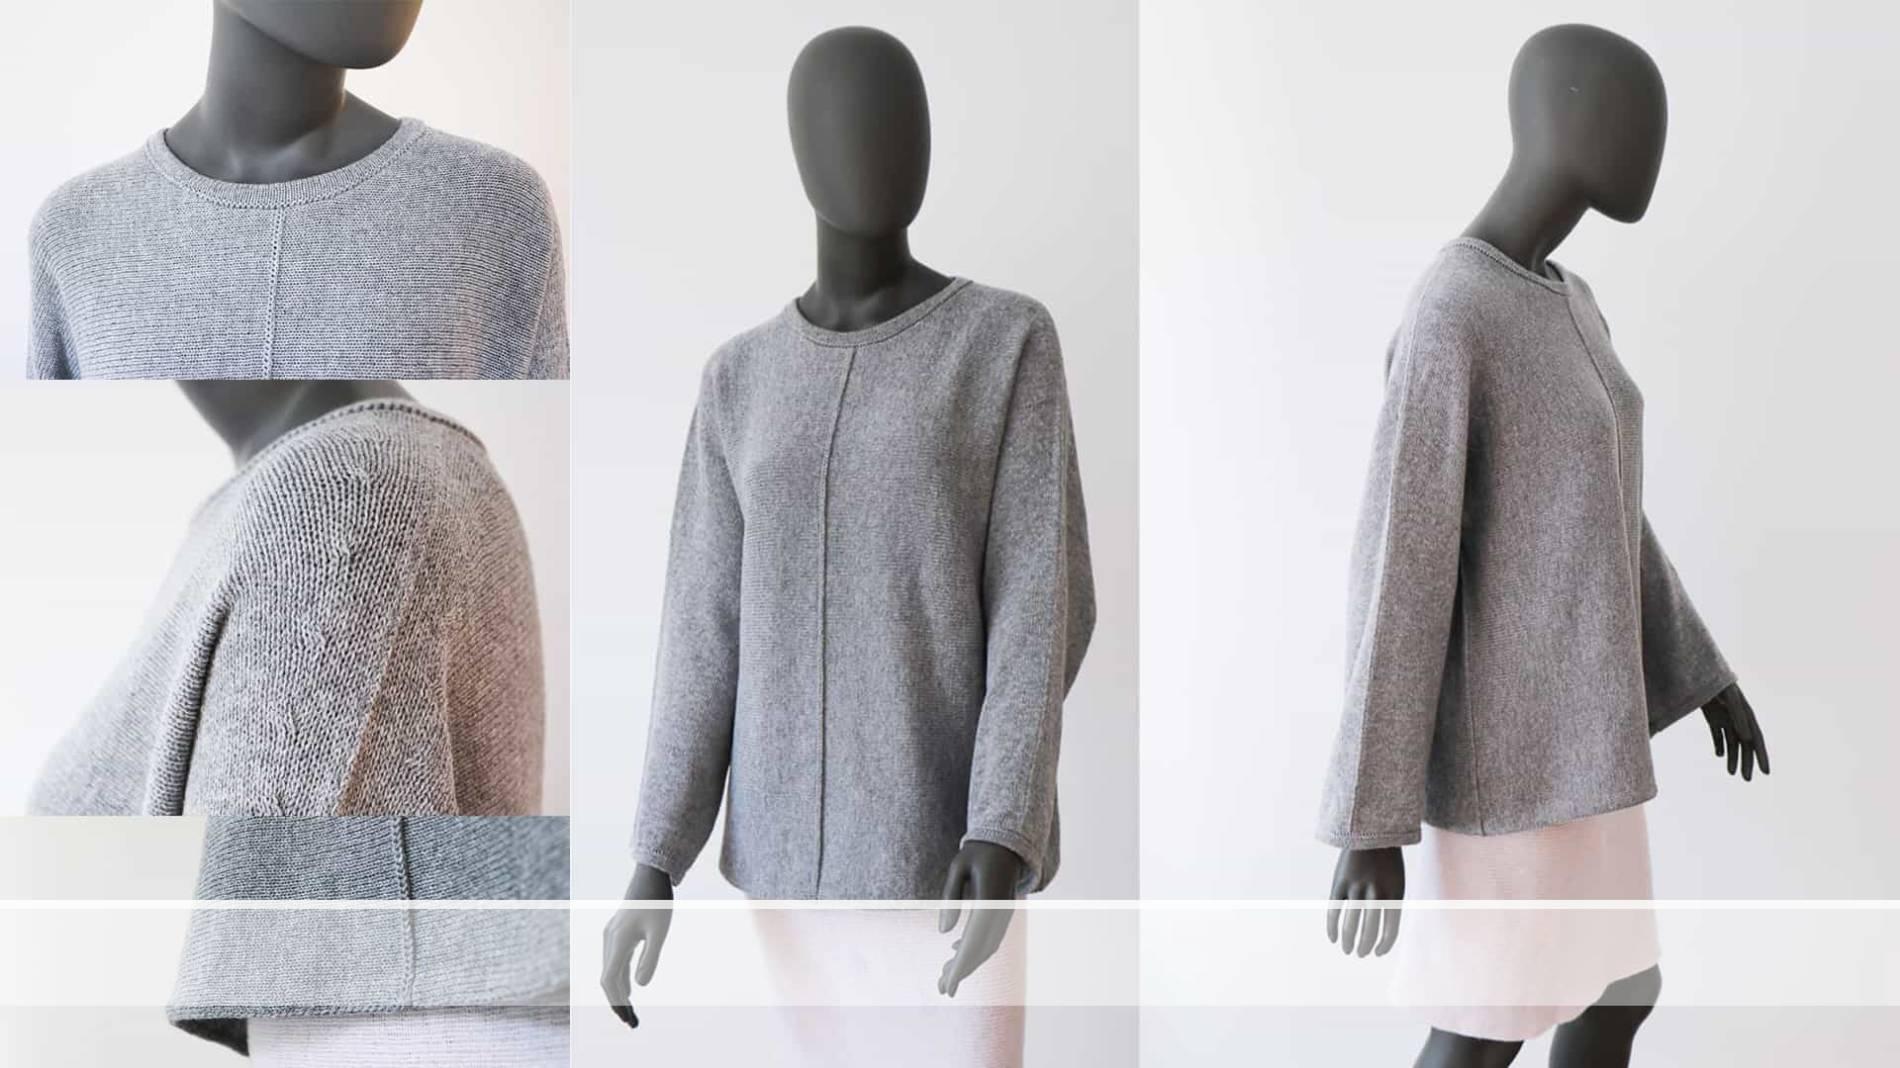 Vorschau Pullover PureKnit 1